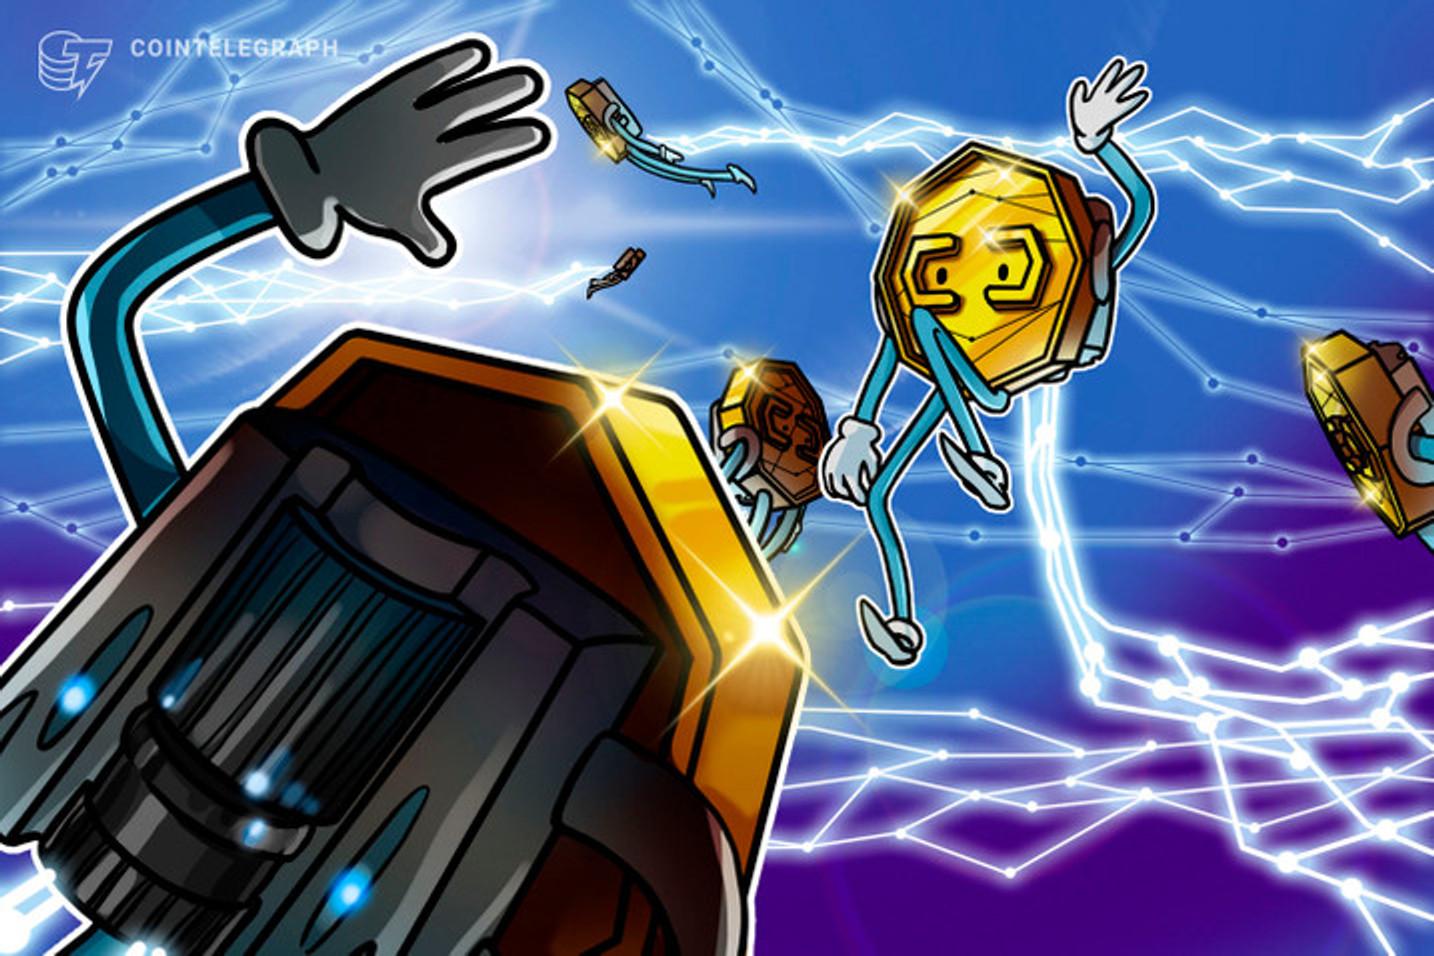 'Mesmo que o Bitcoin volte a US$ 60 mil ele não vai superar a alta destas altcoins que podem subir 300%', diz trader